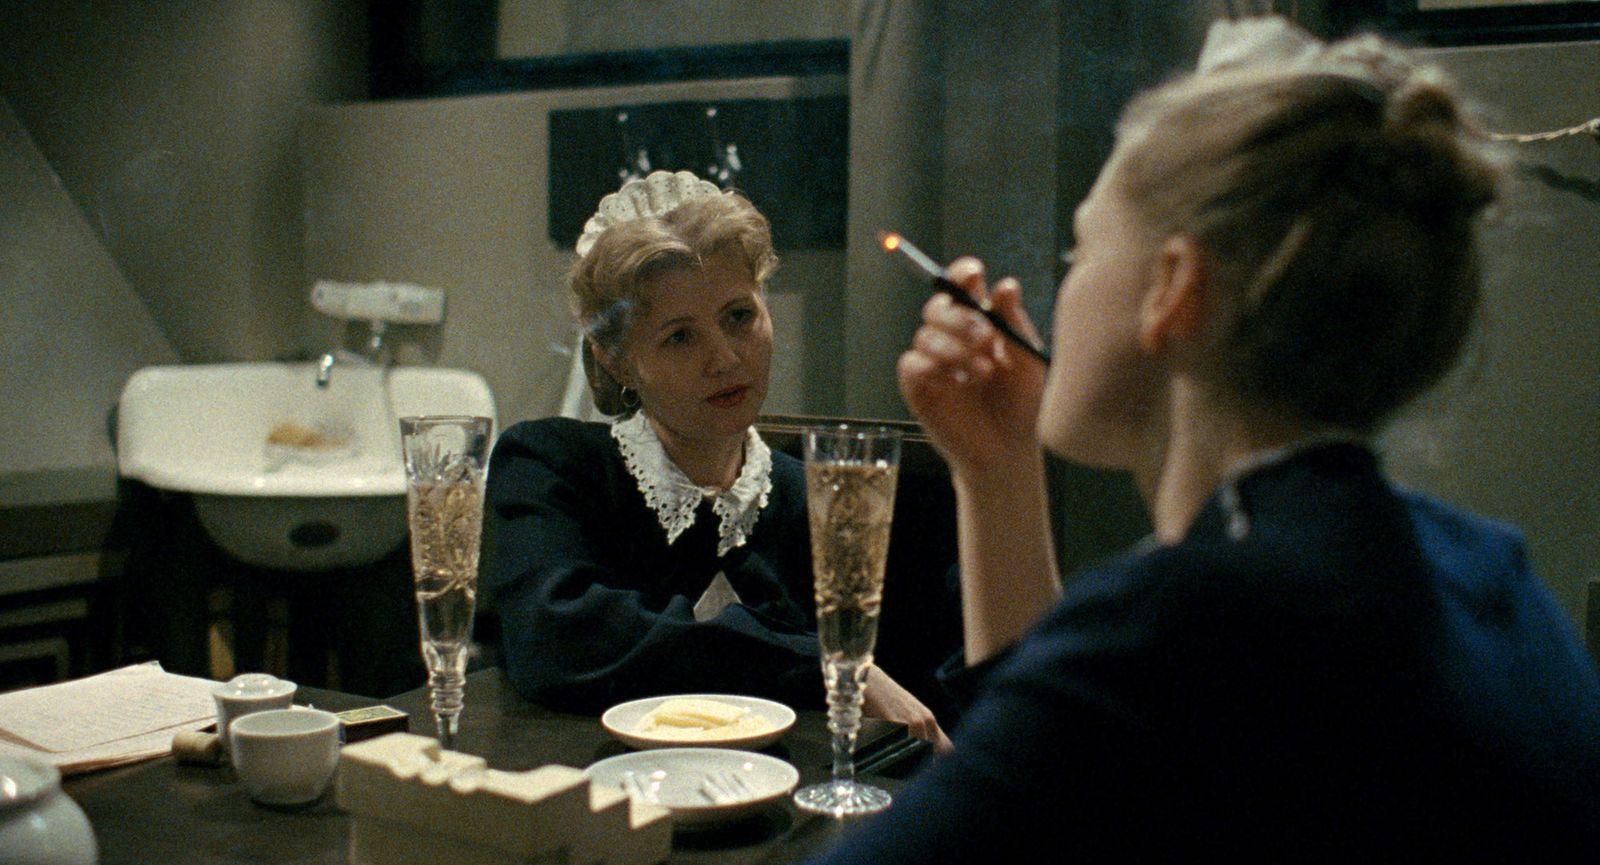 Berlinale/ Dreier/ Schwarz-weiß-Filme